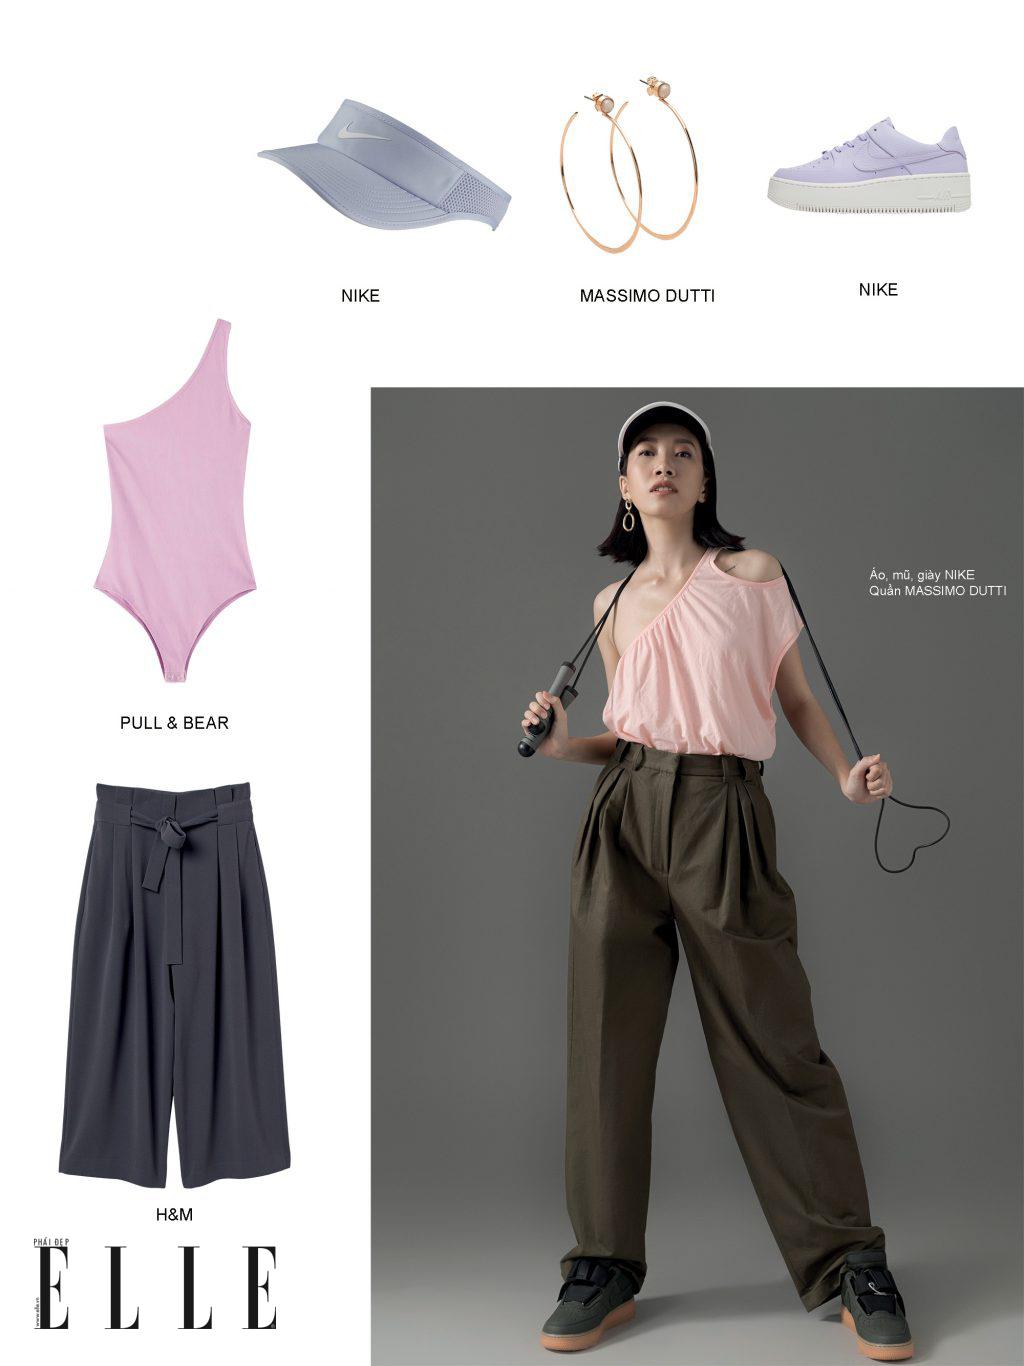 phong cách thể thao năng động - quần ống rộng và swimsuit